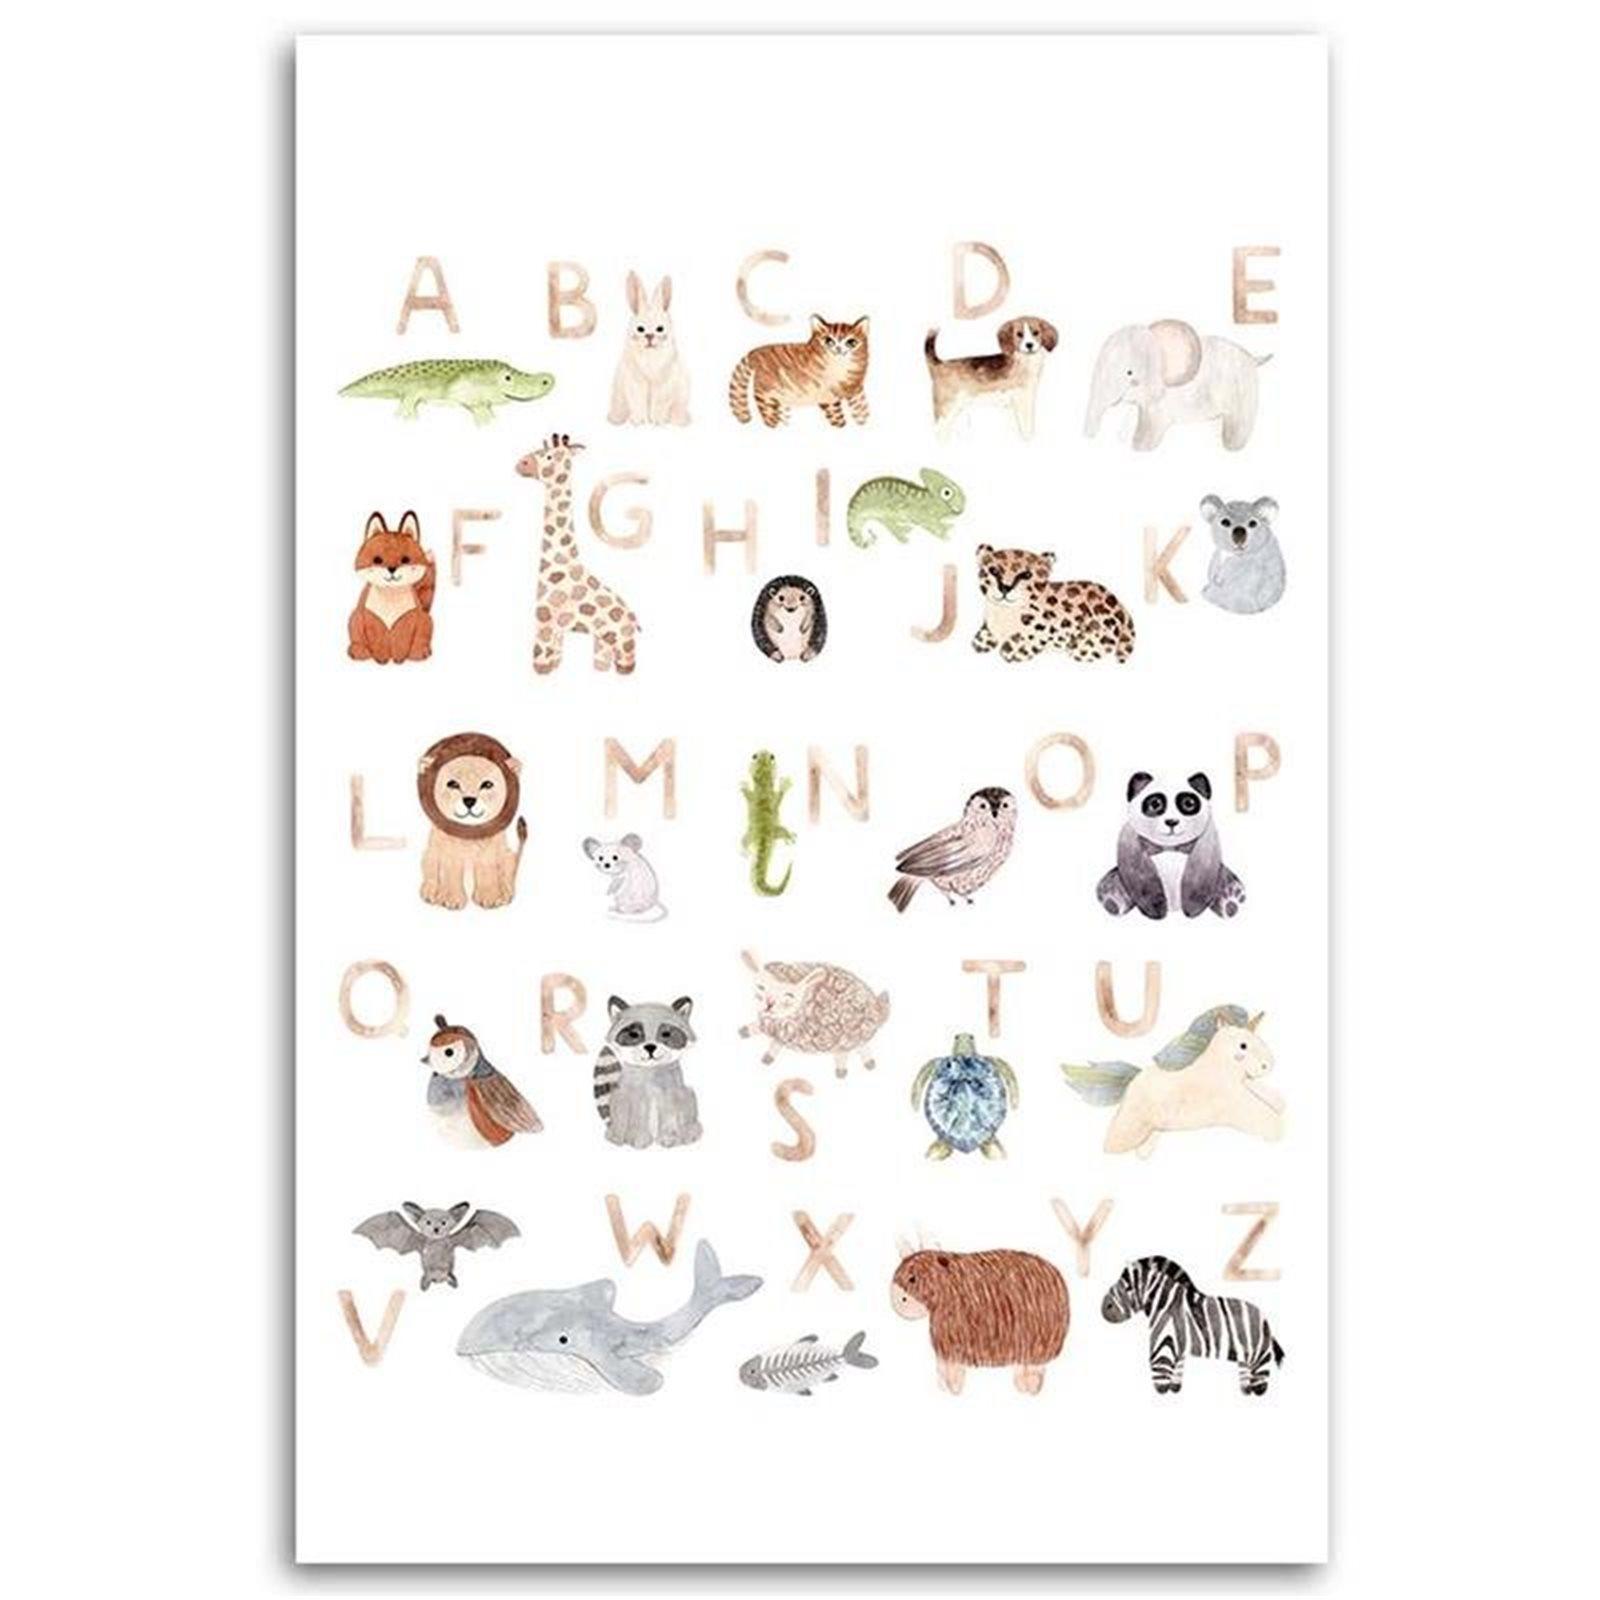 Tableau enfant alphabet with pets multicolore 40x60